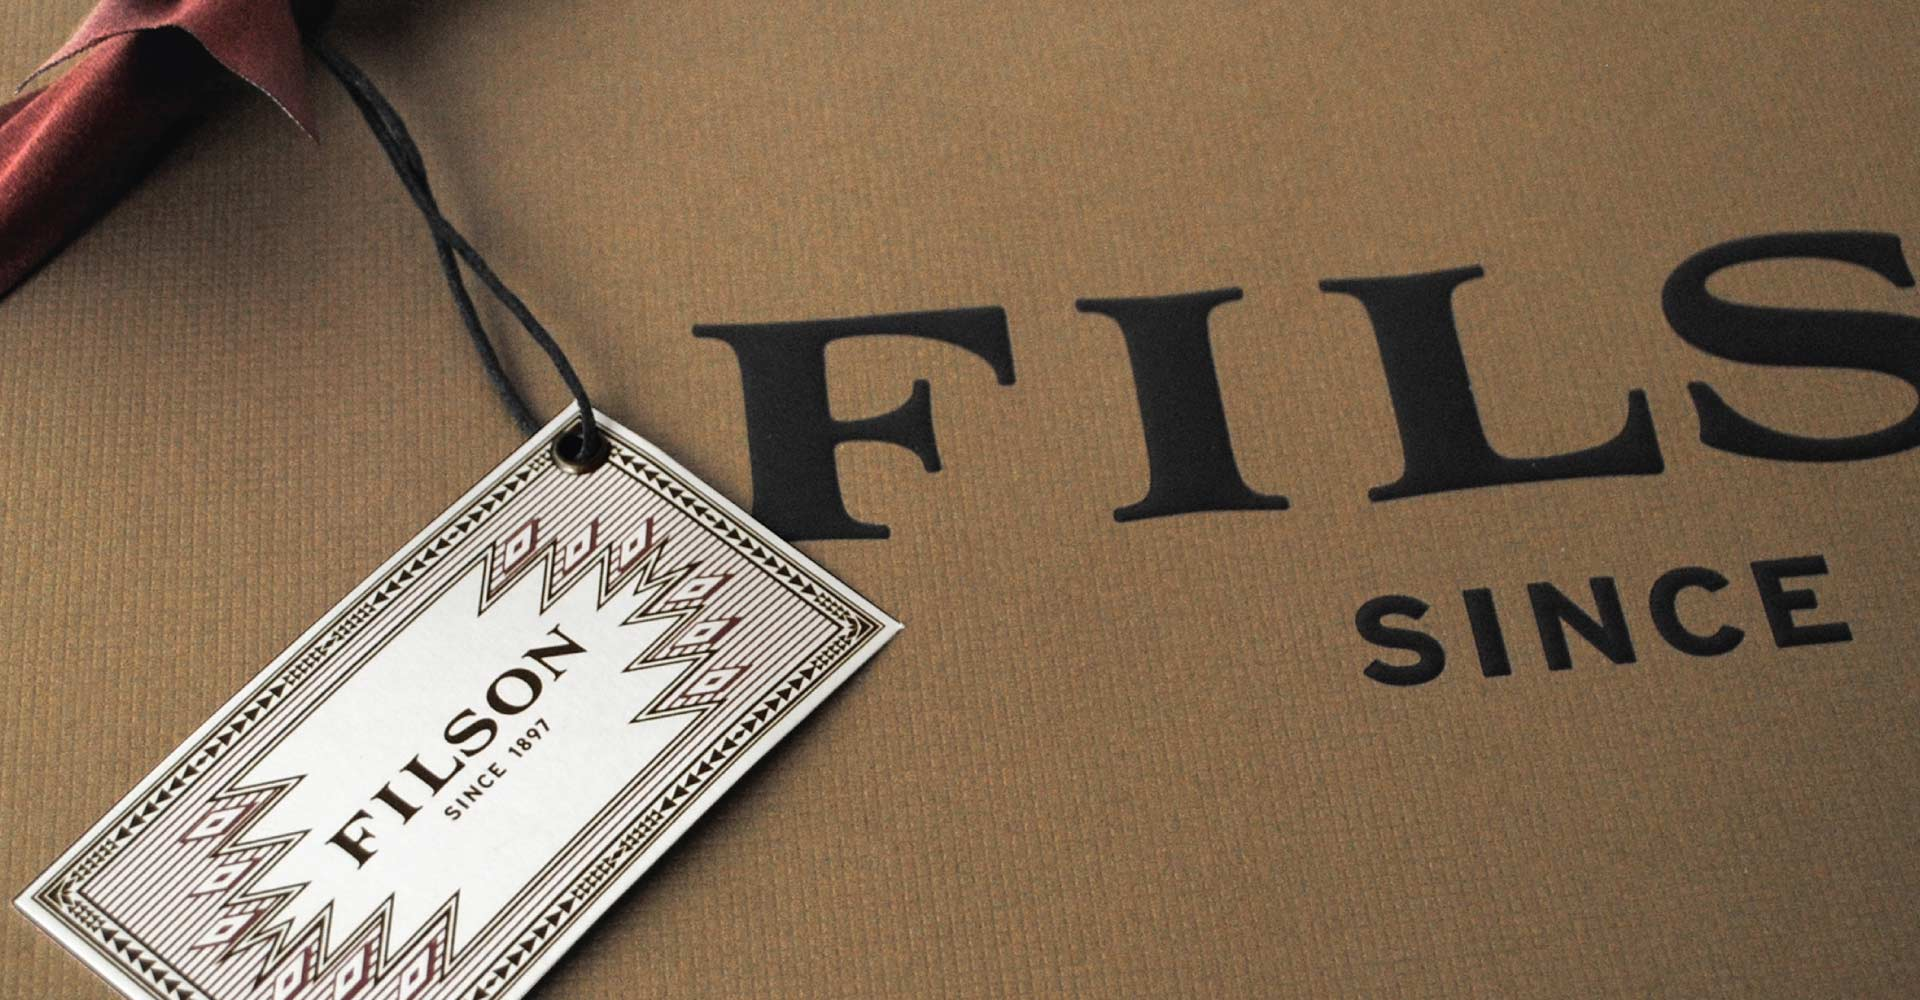 Creative_Retail_Packaging_PackageDesign_Custom_Filson_12-1.jpg